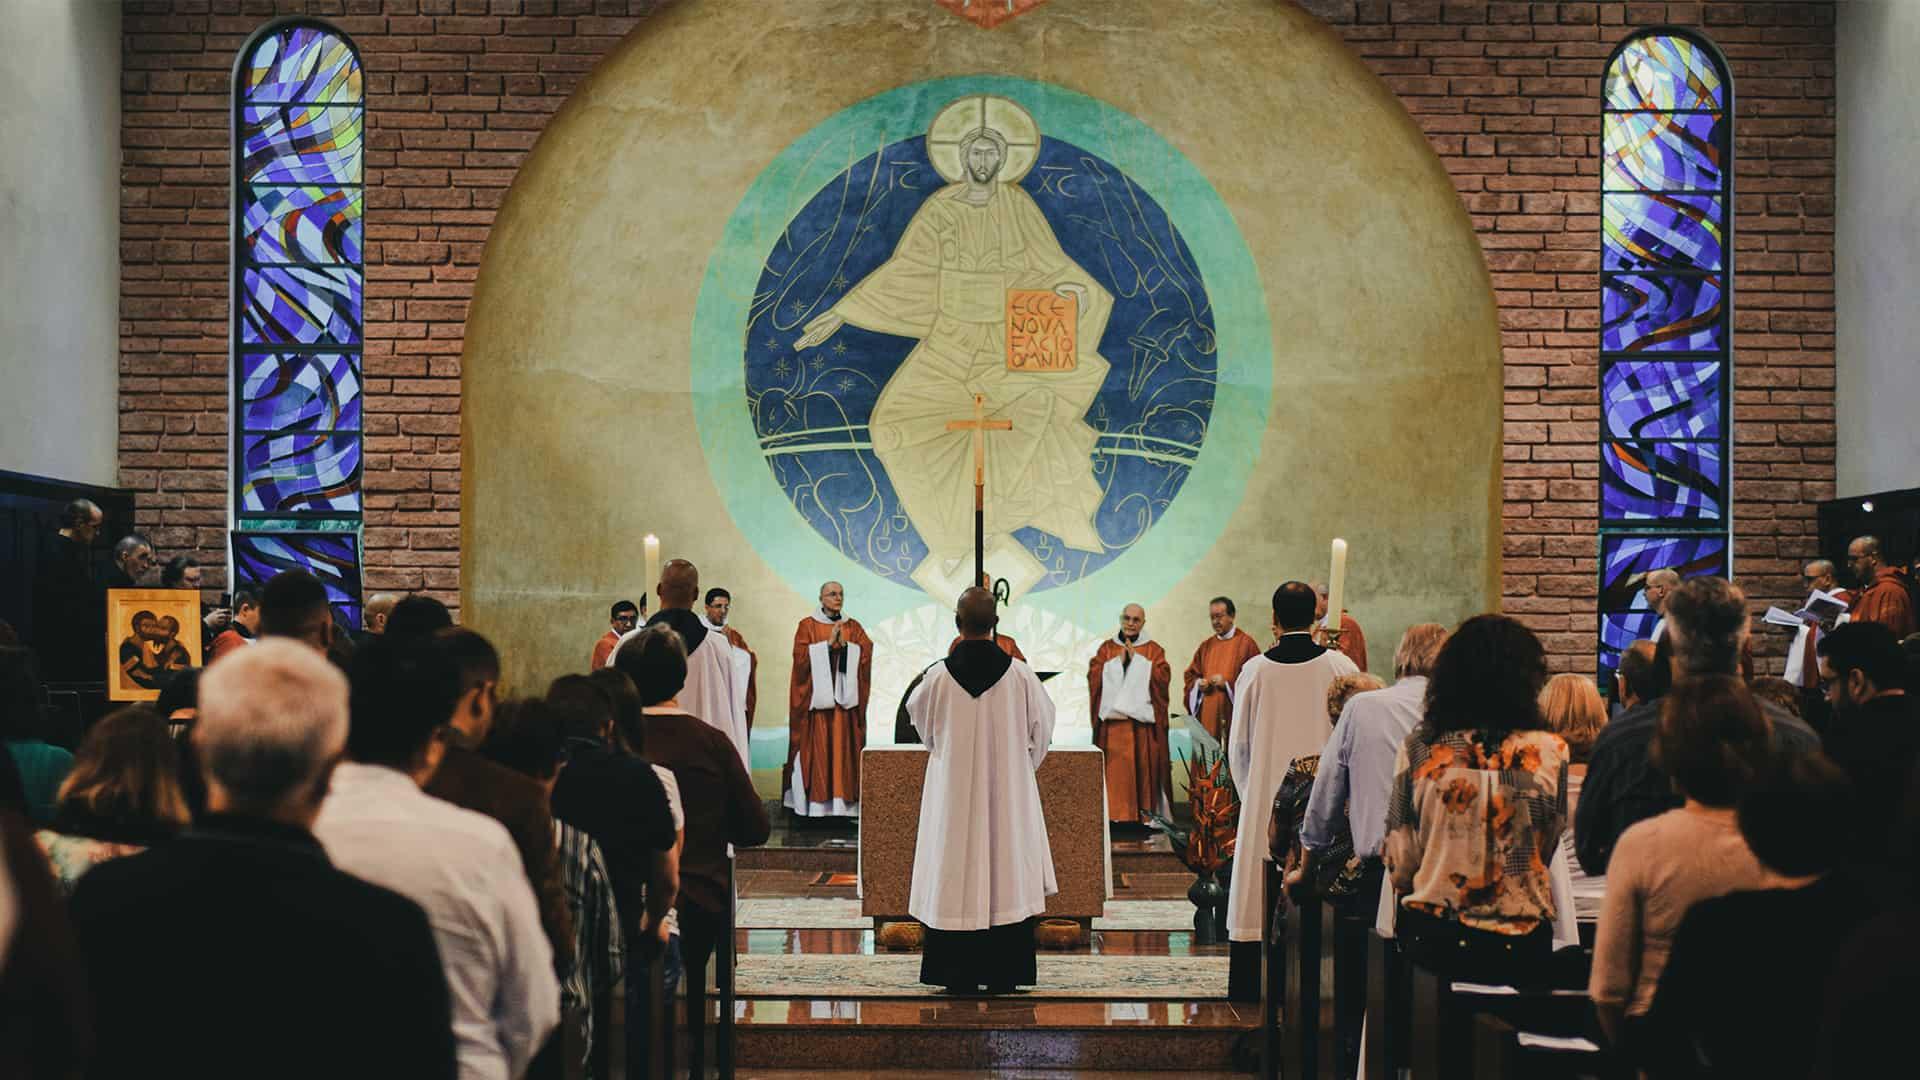 Msze św. oraz nabożeństwa w internecie